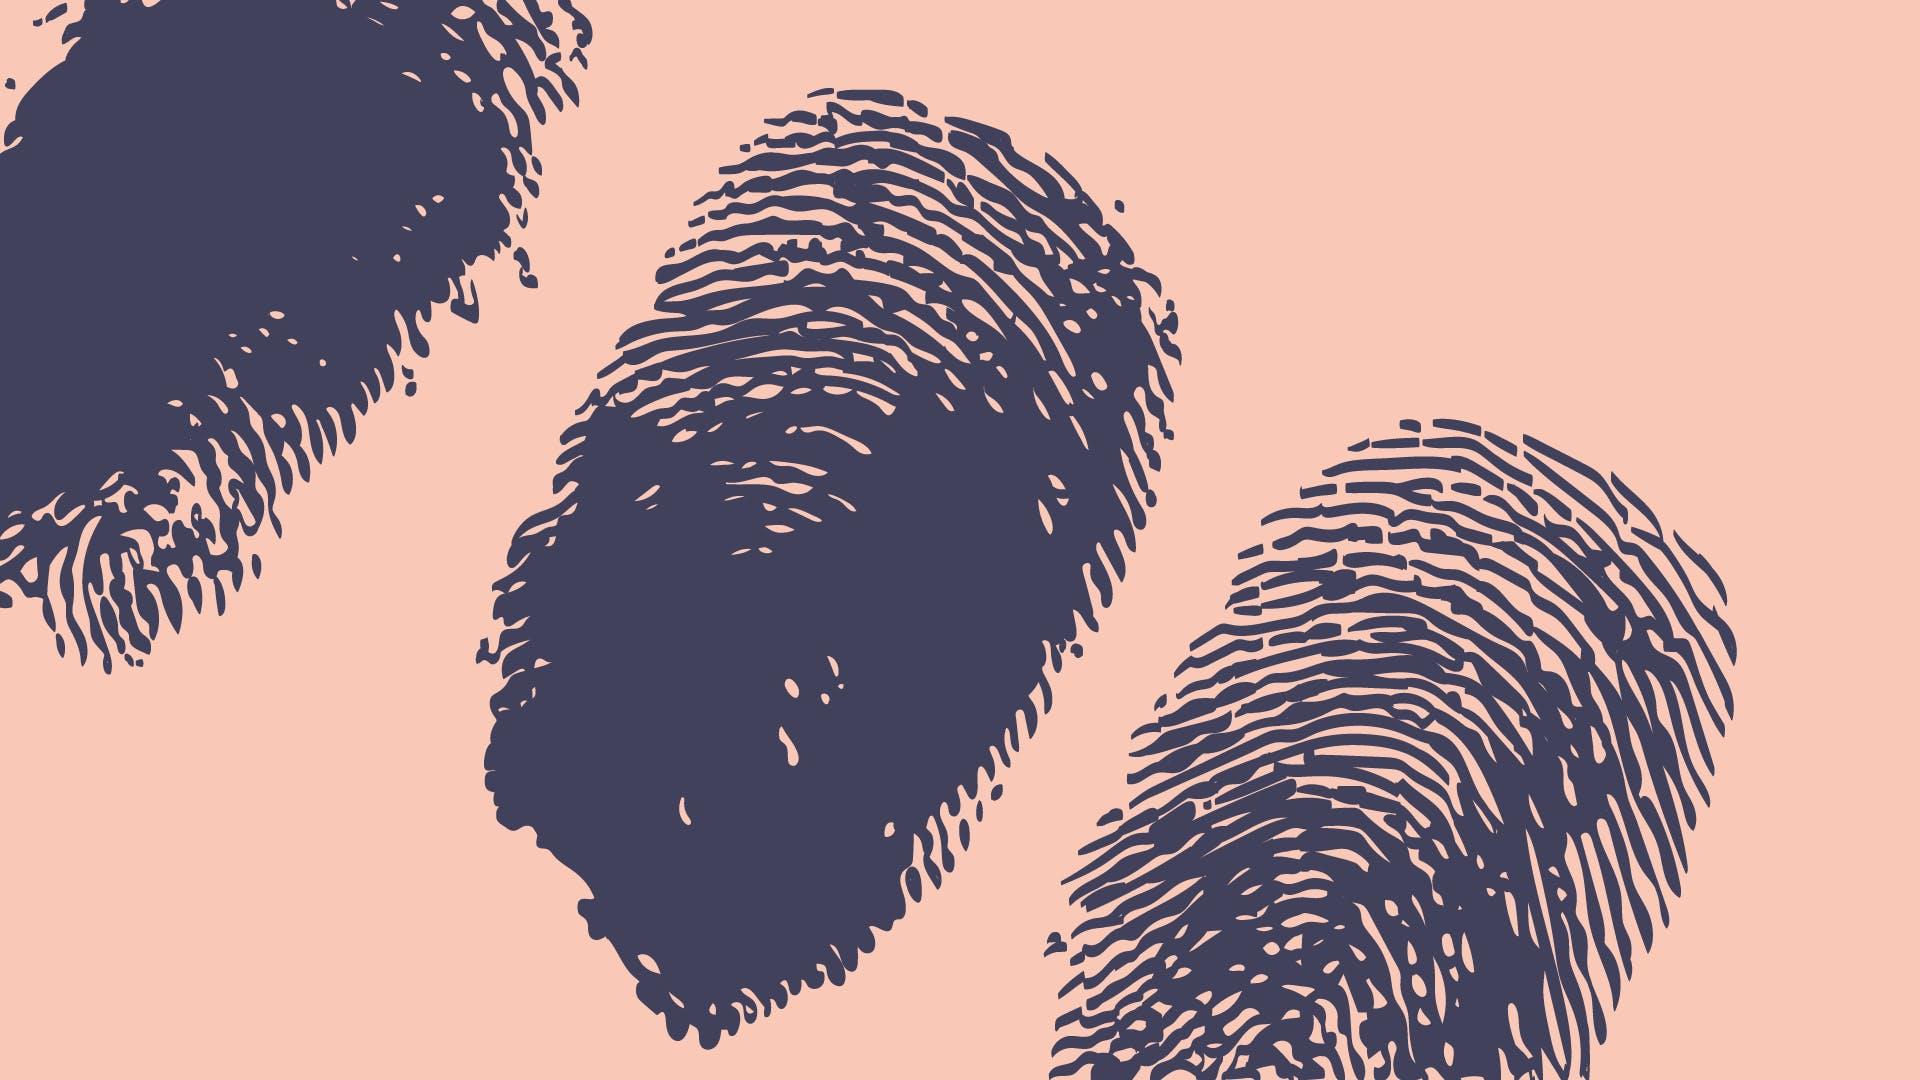 Drei Fingerabdrücke auf hellroten Hintergrund zur Frage, ob ich als Selbständiger die Umsatzsteuer-ID beantragen muss.